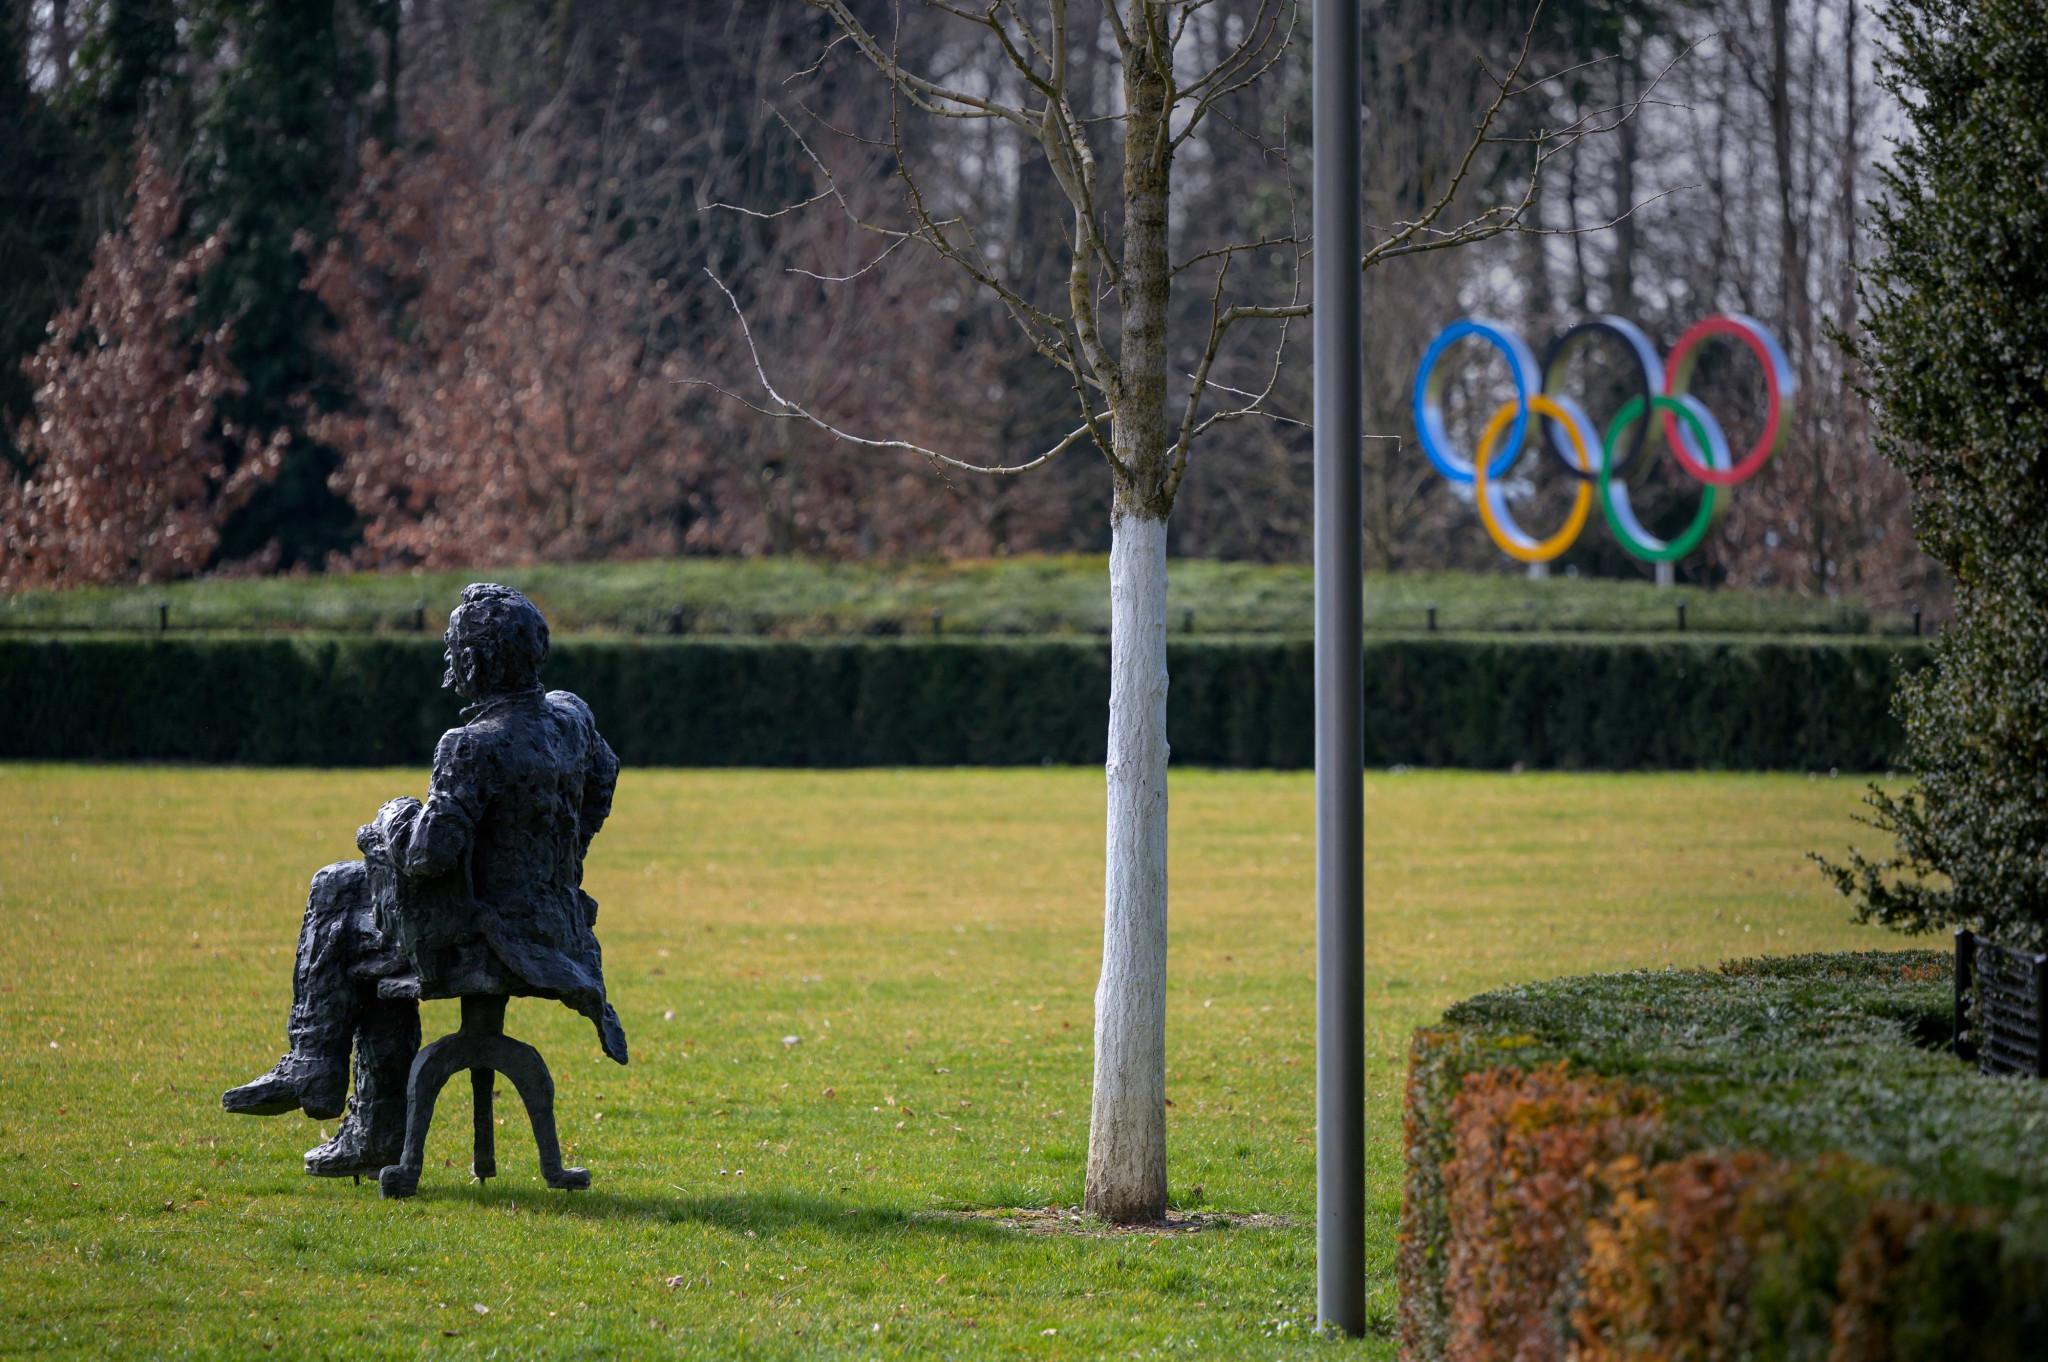 Олимпийский девиз «Быстрее, выше, сильнее» был принят основателем современного олимпийского движения бароном Пьером де Кубертеном © Getty Images